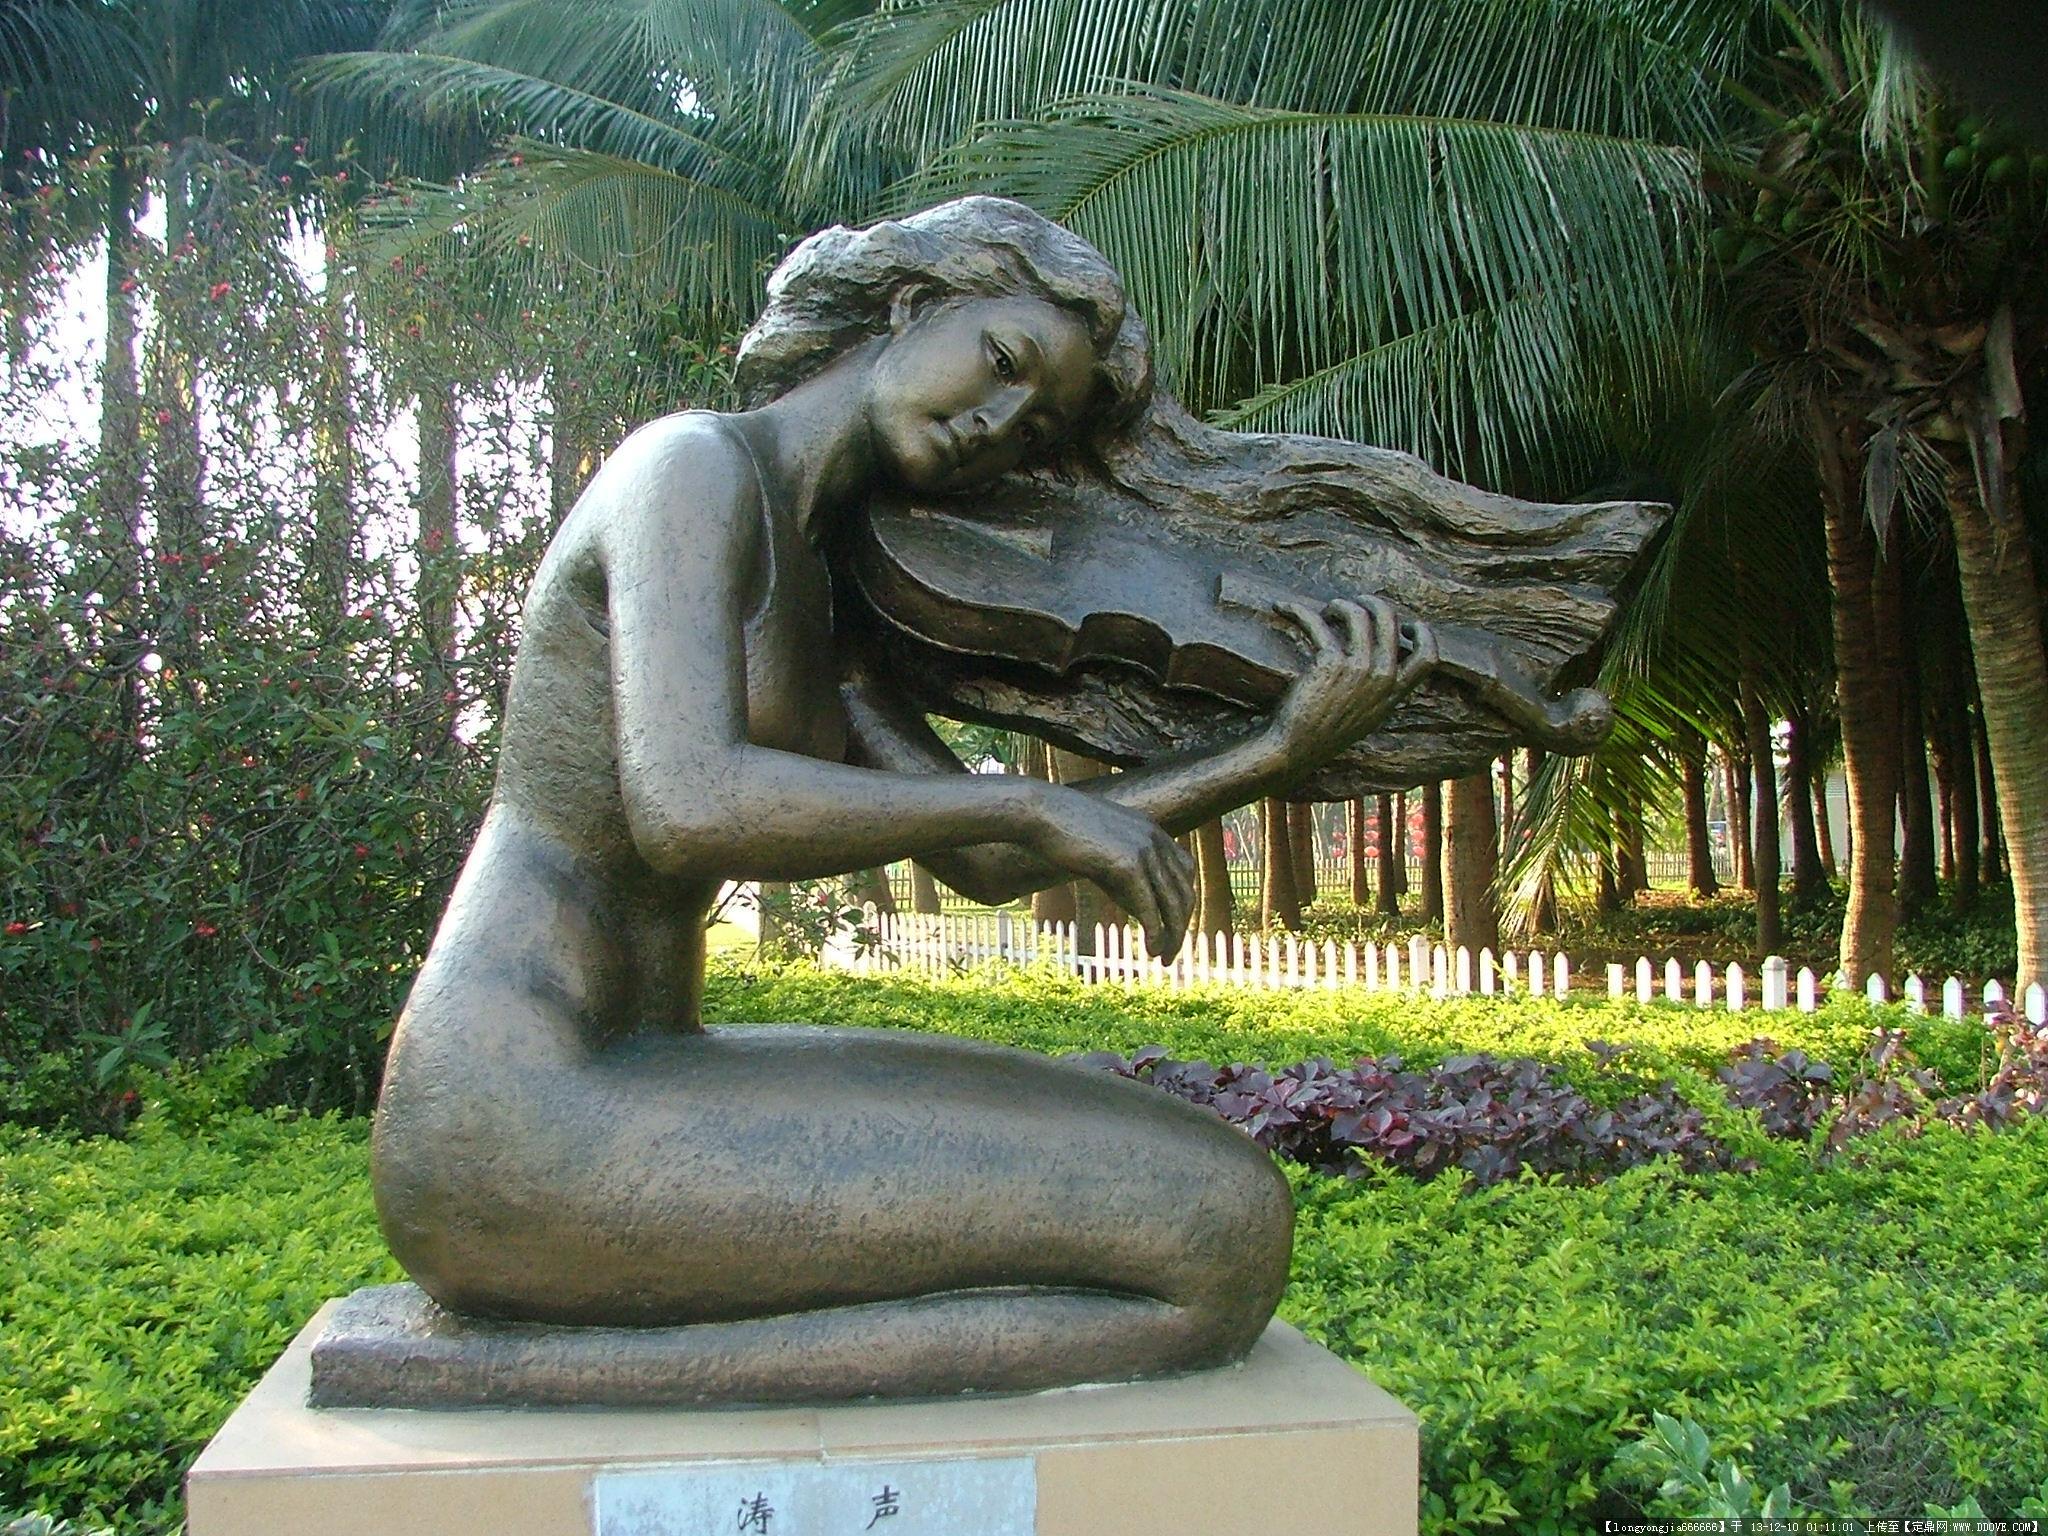 人物雕塑小品实景图片 03的图片浏览,园林节点照片,,.